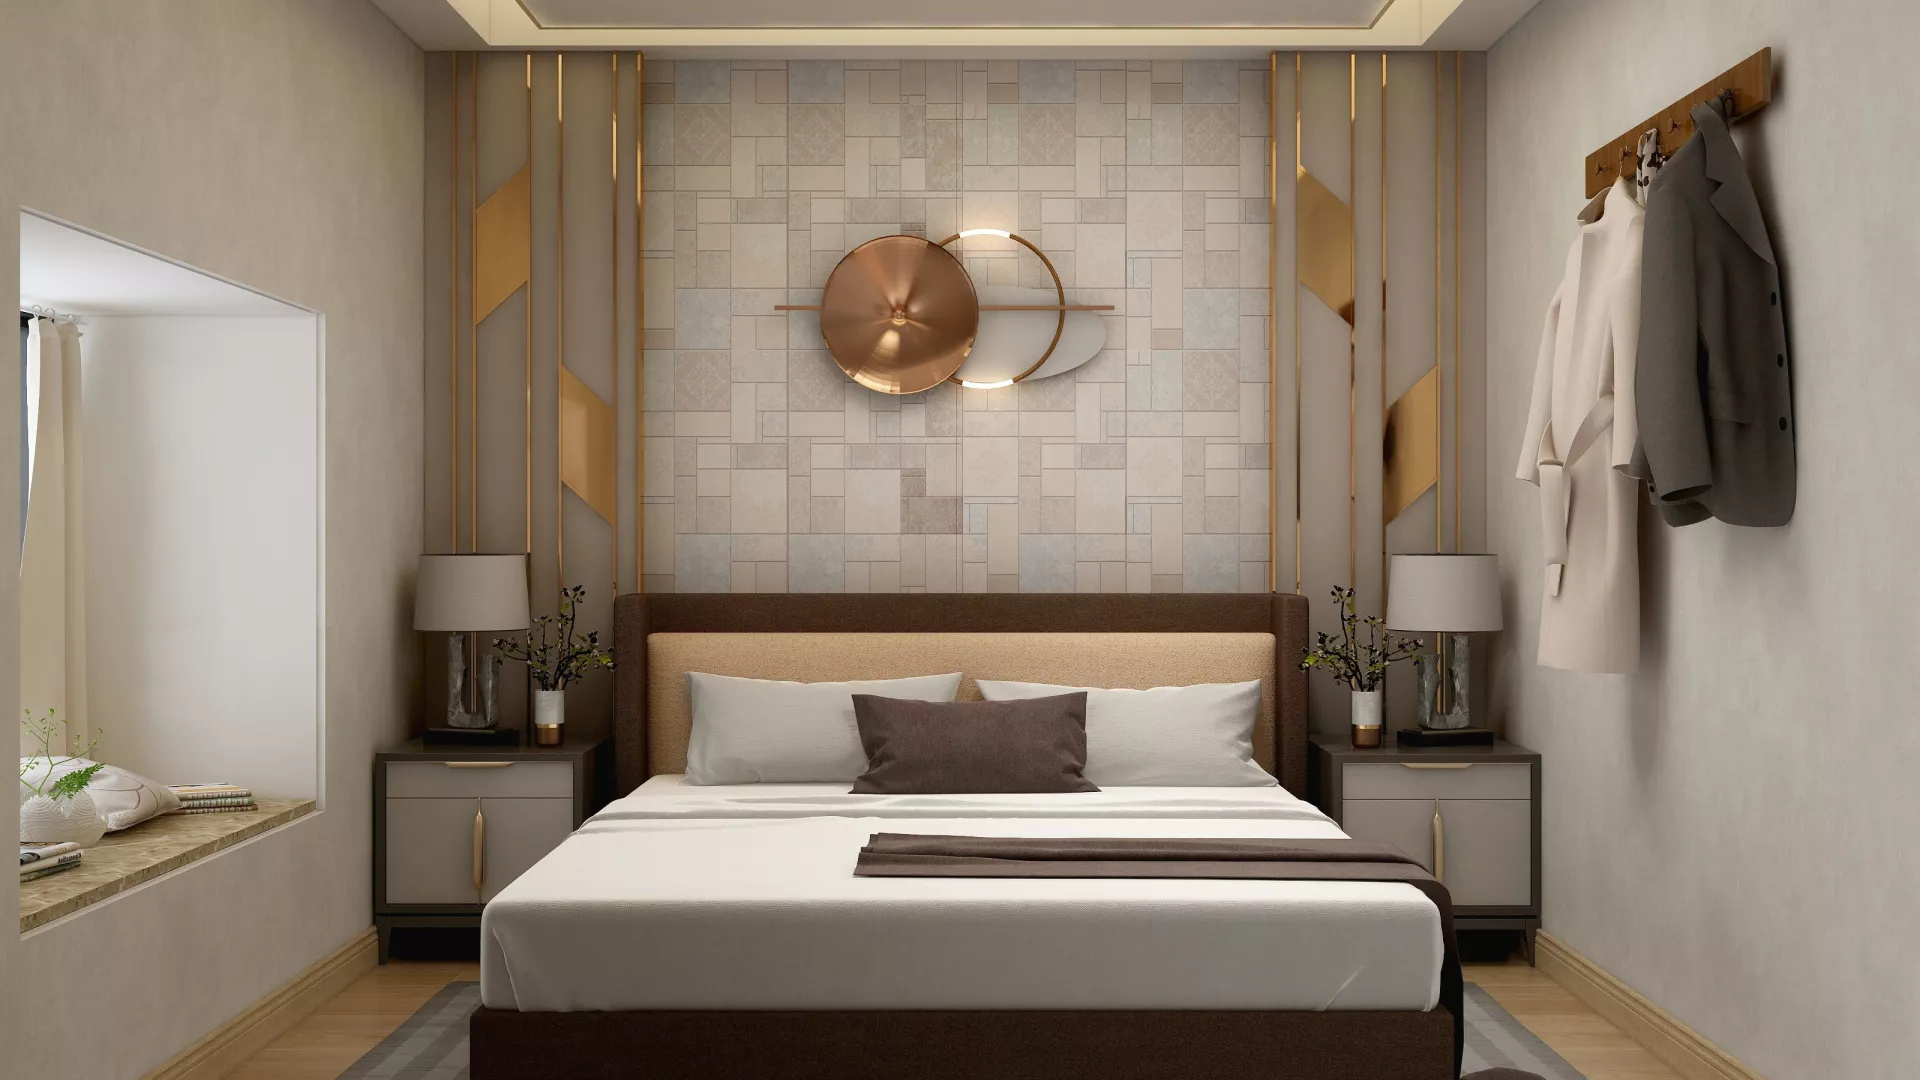 欧式风格奢华温馨型卧室床装修效果图